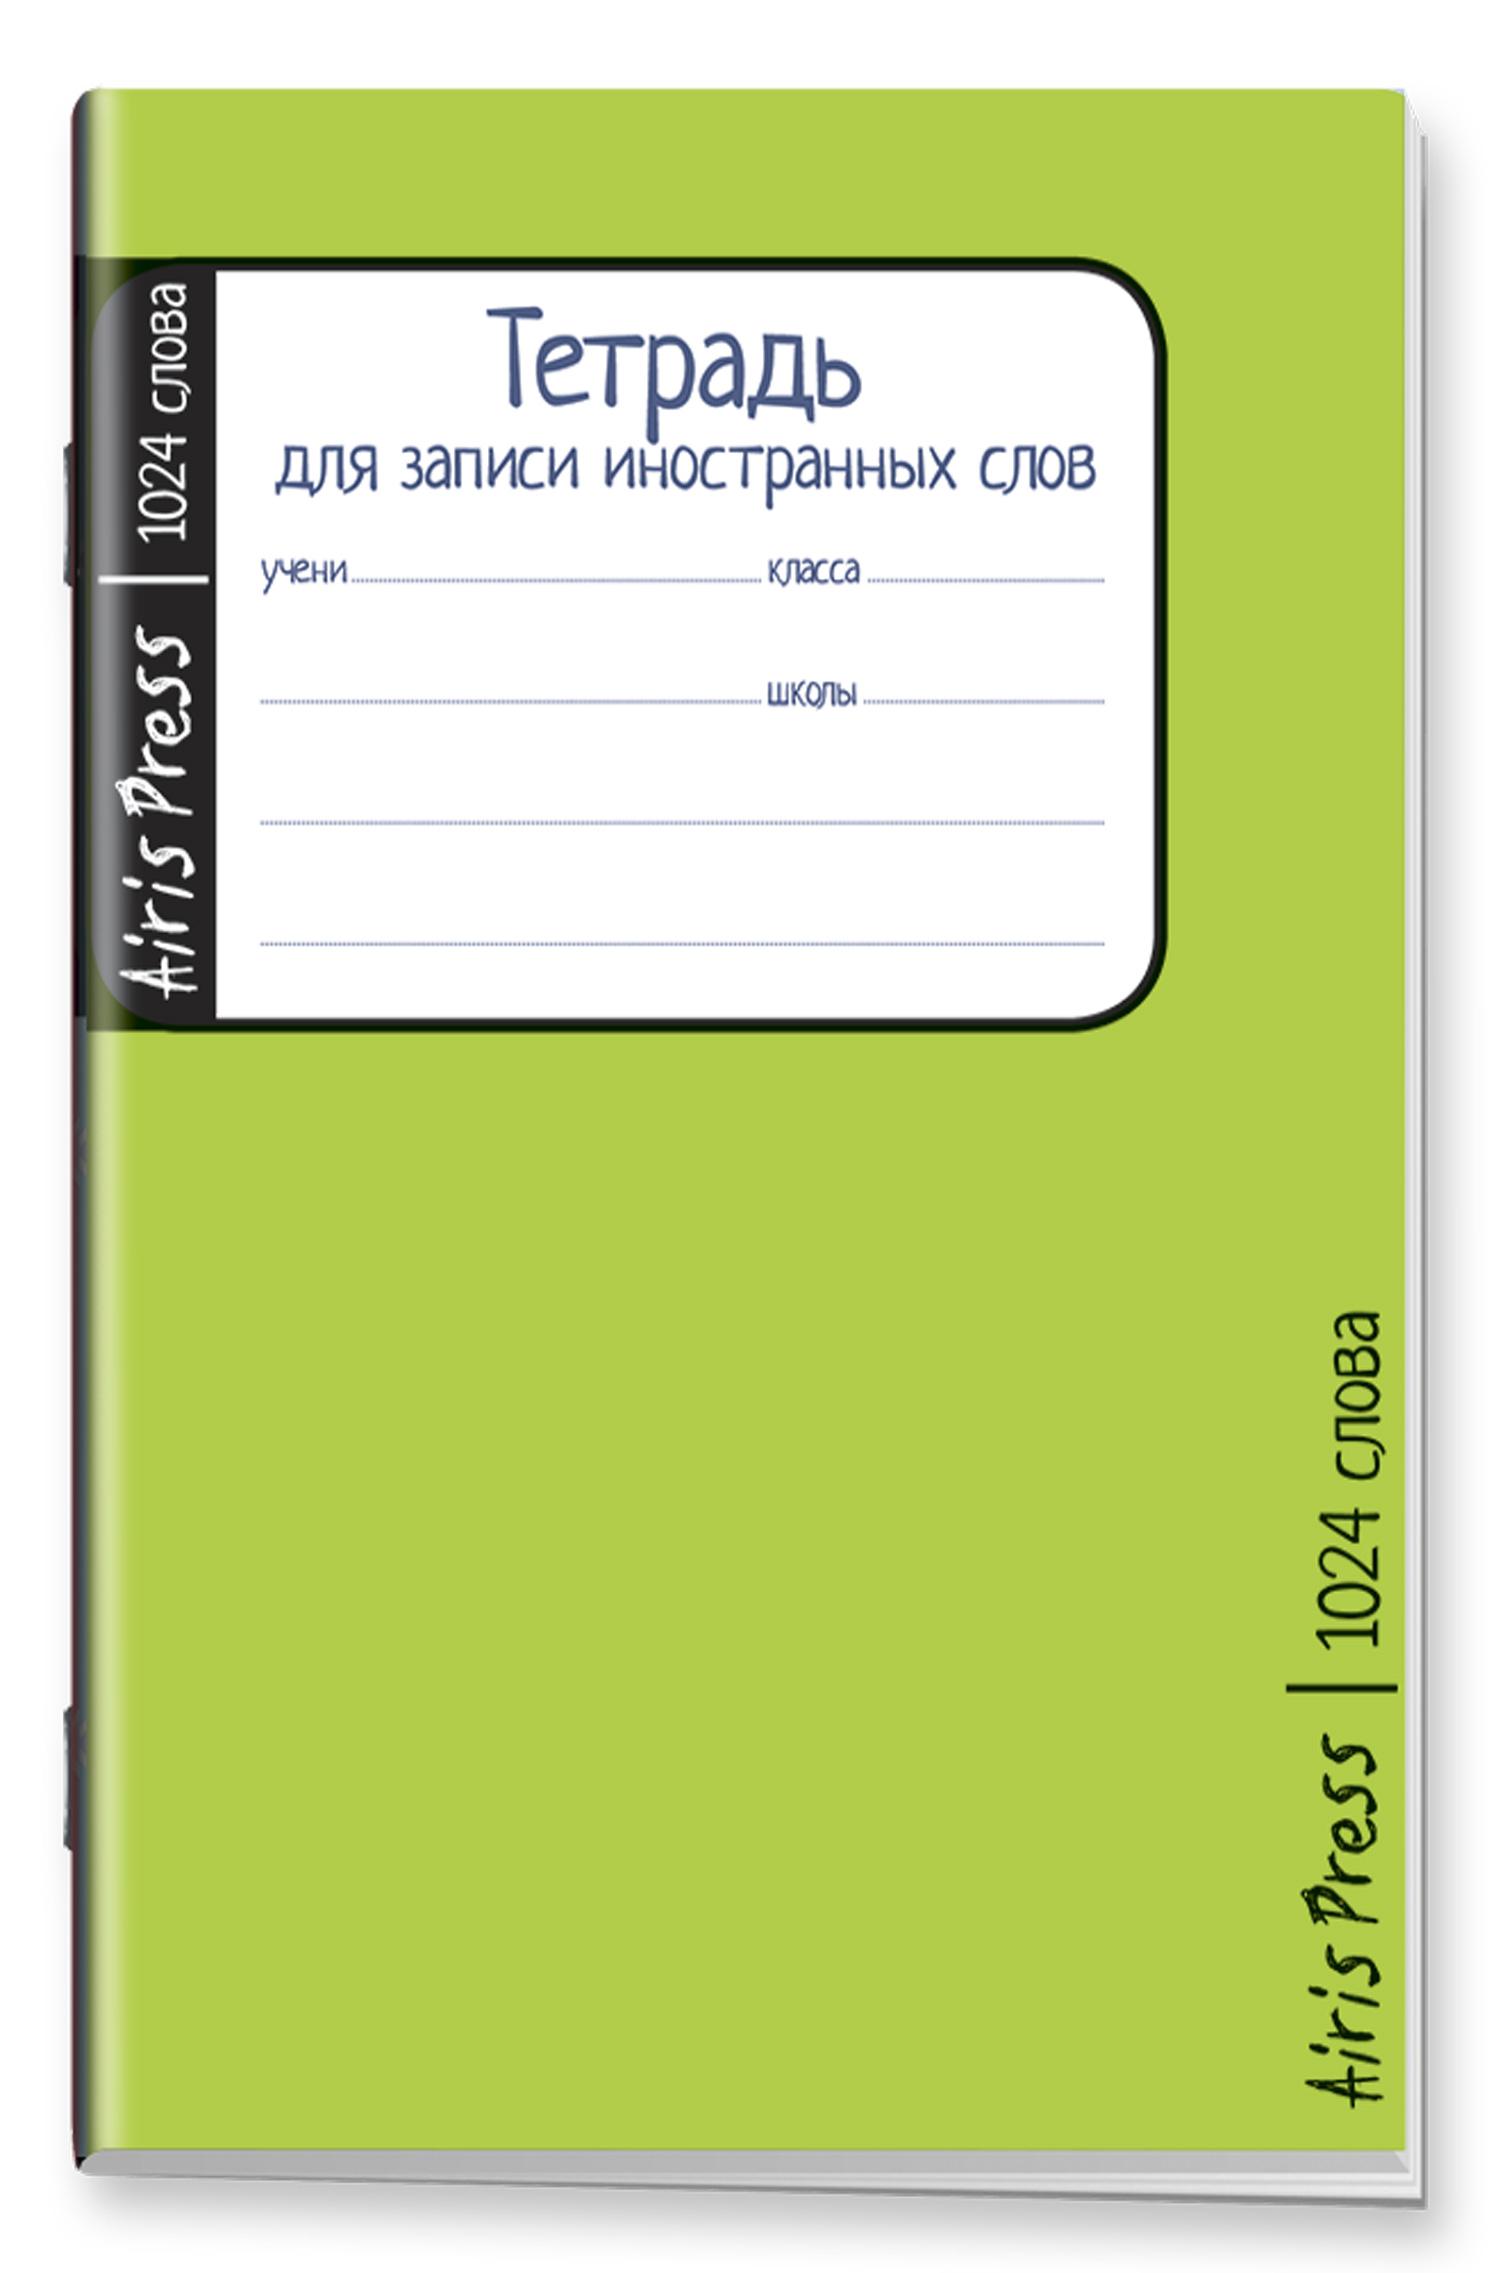 Тетрадь школьная для записи иностранных слов (Зеленая)